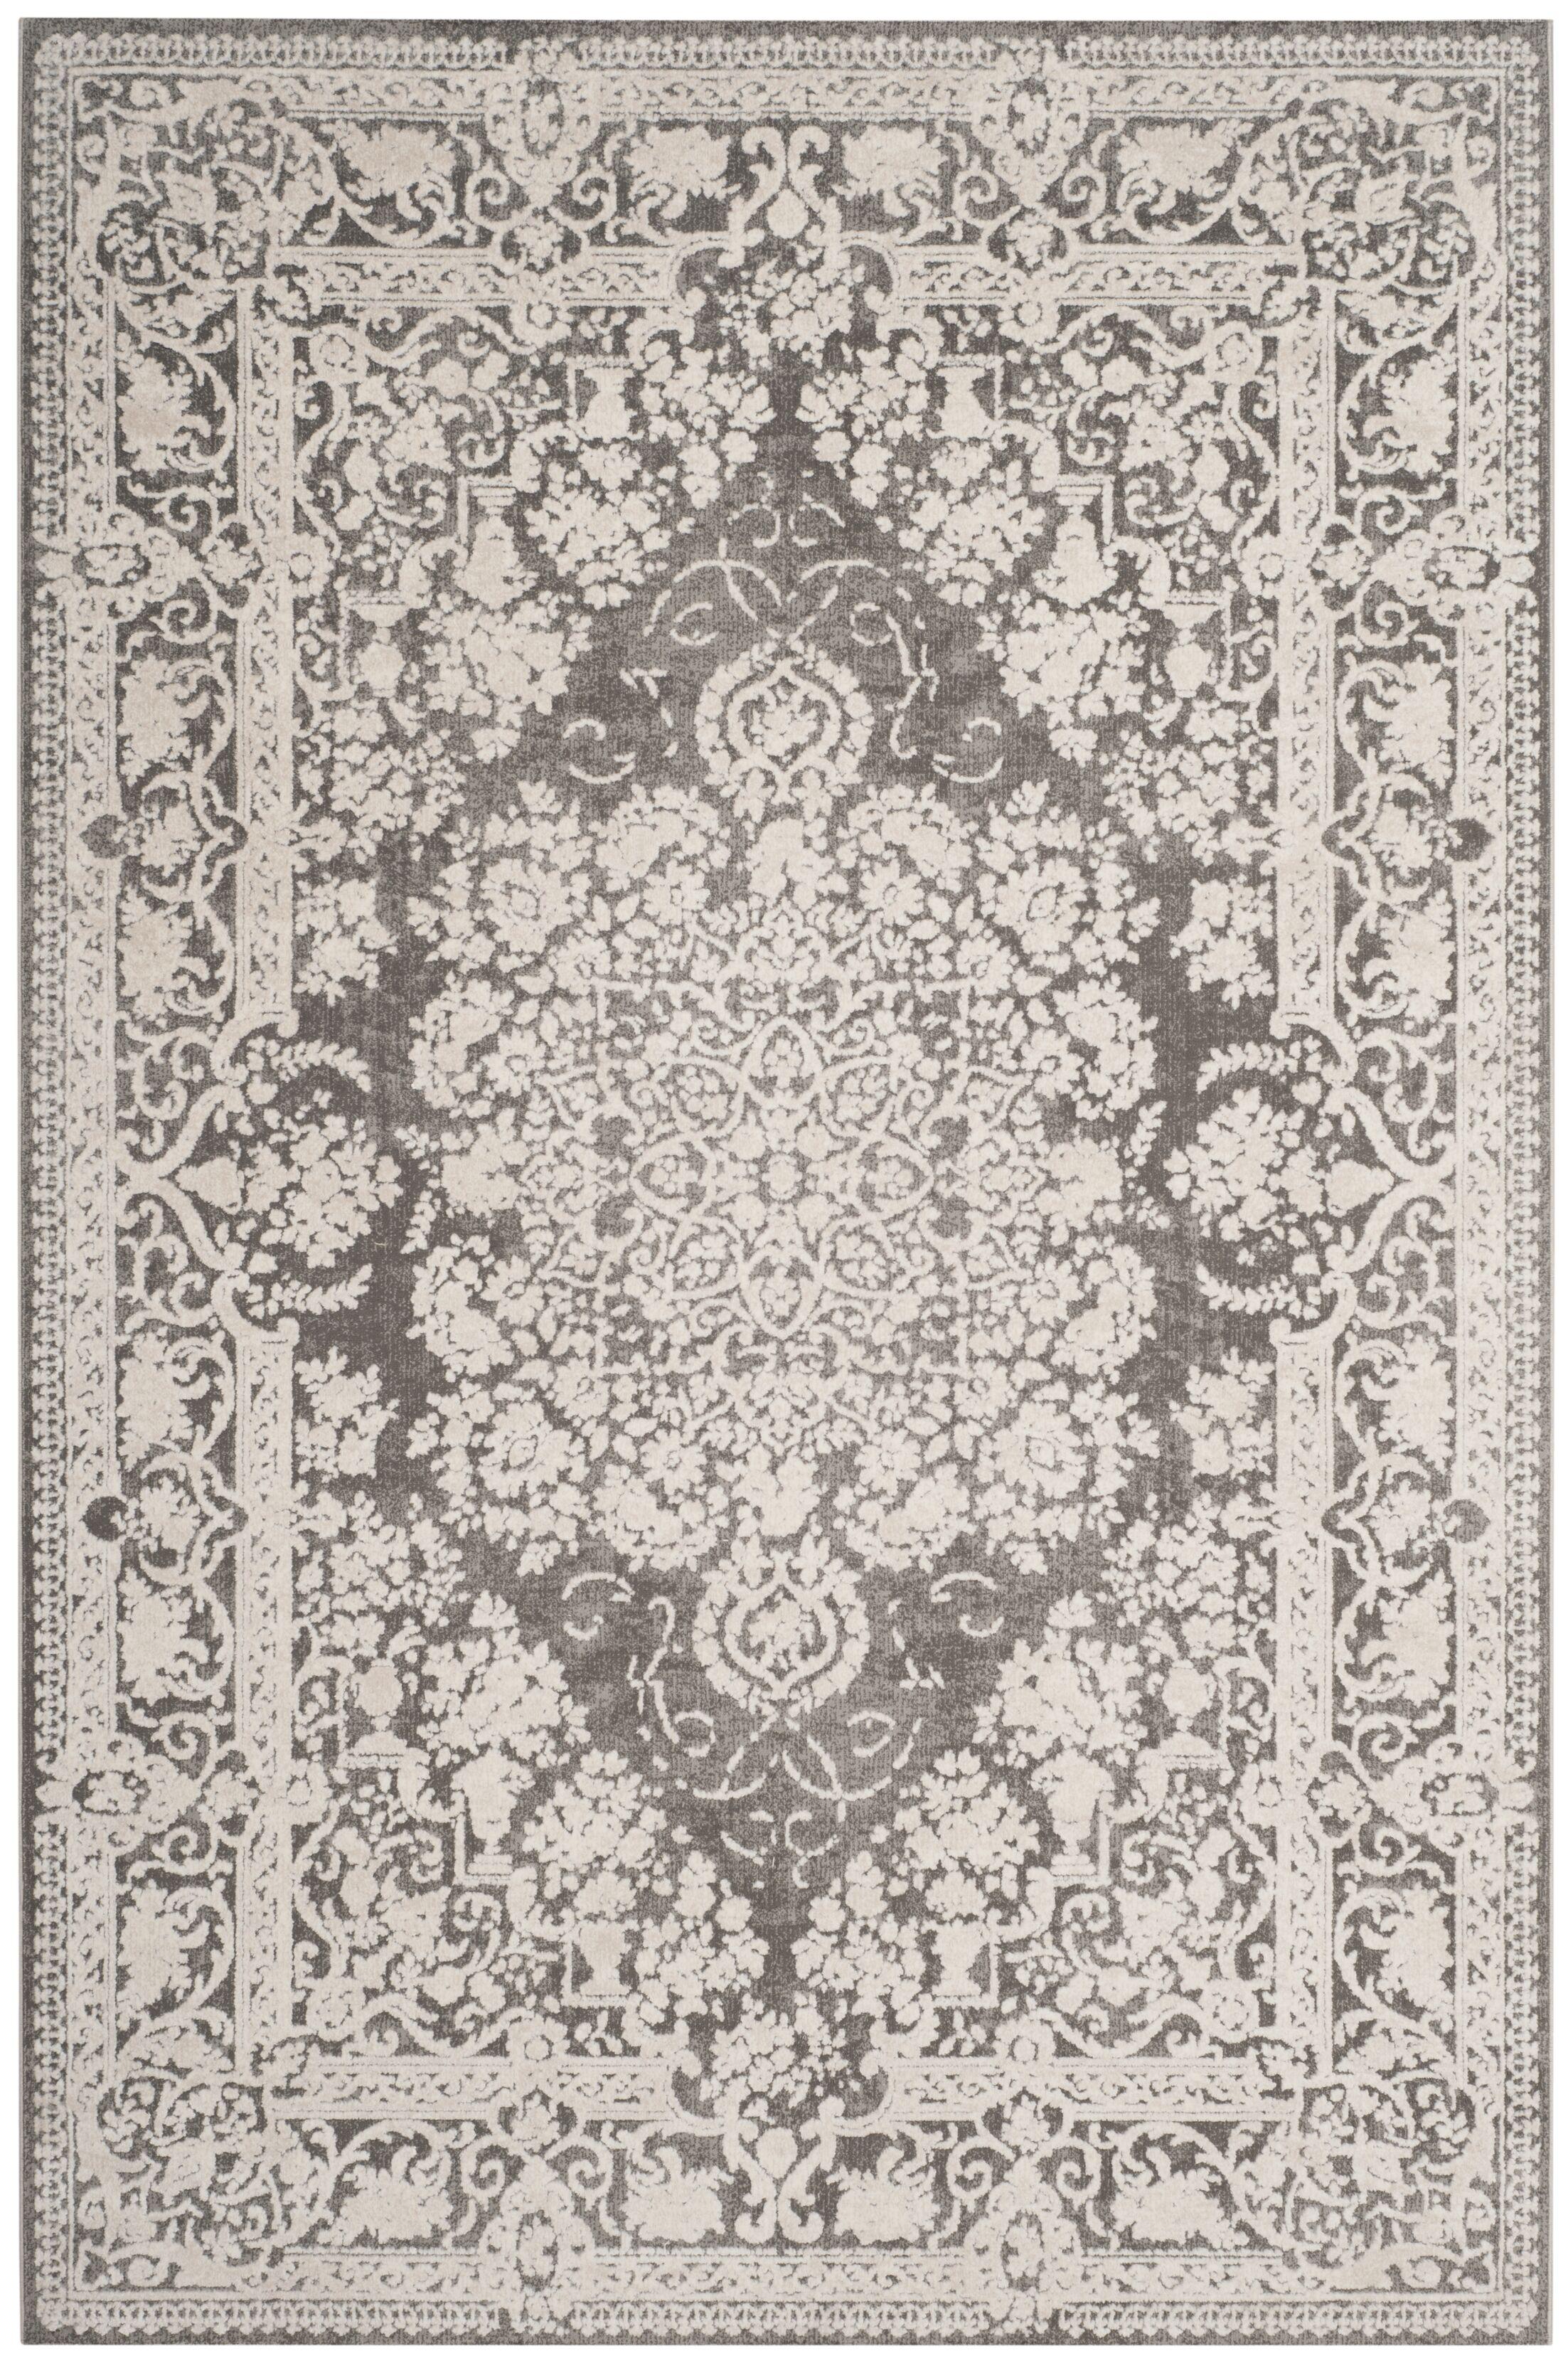 Pellot Dark Gray/Cream Area Rug Rug Size: Rectangle 8' x 10'